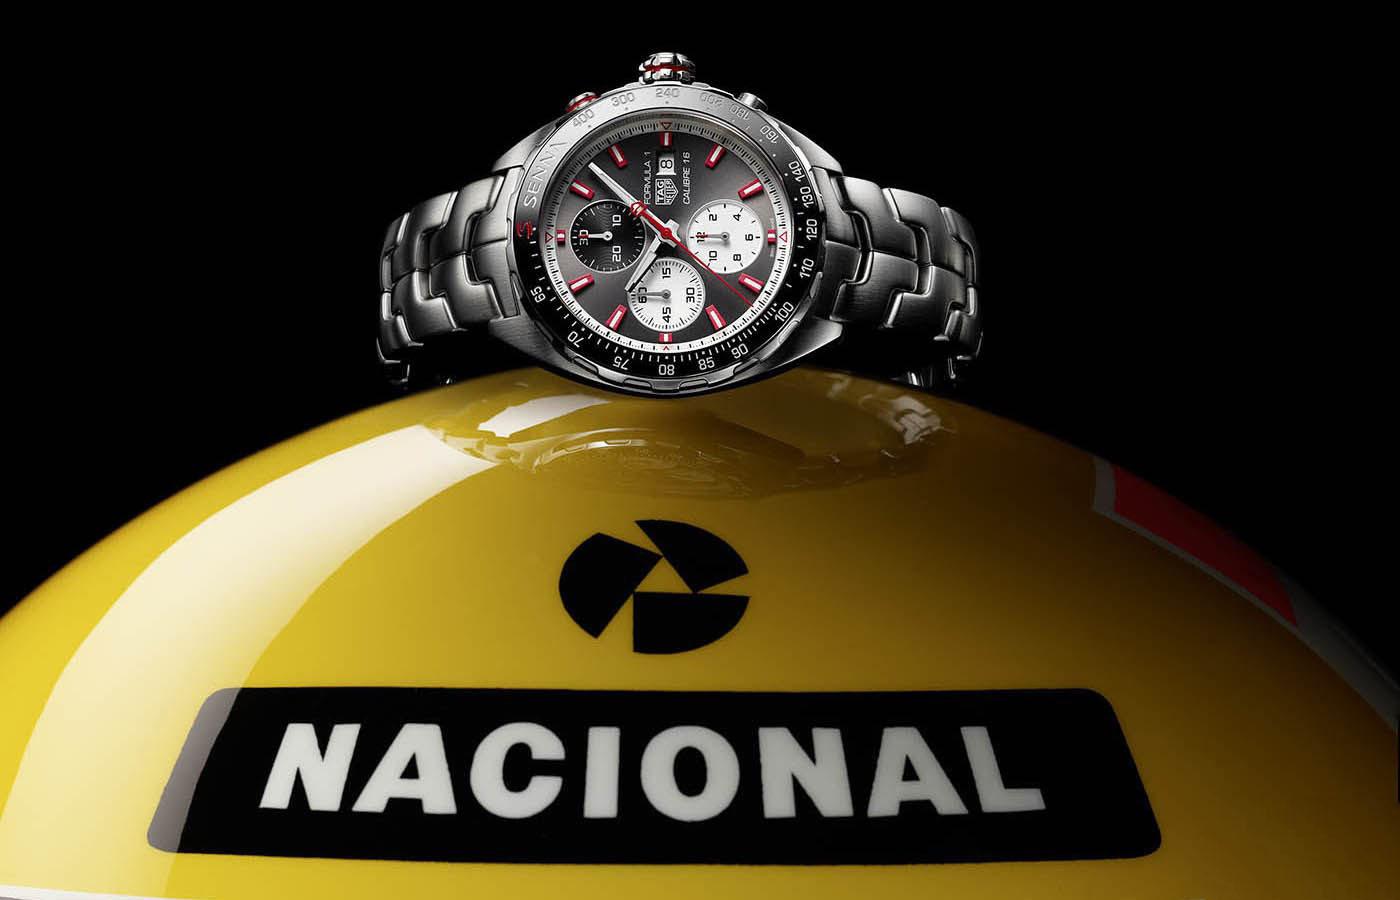 泰格豪雅纪念F1传奇发布两款全新时计